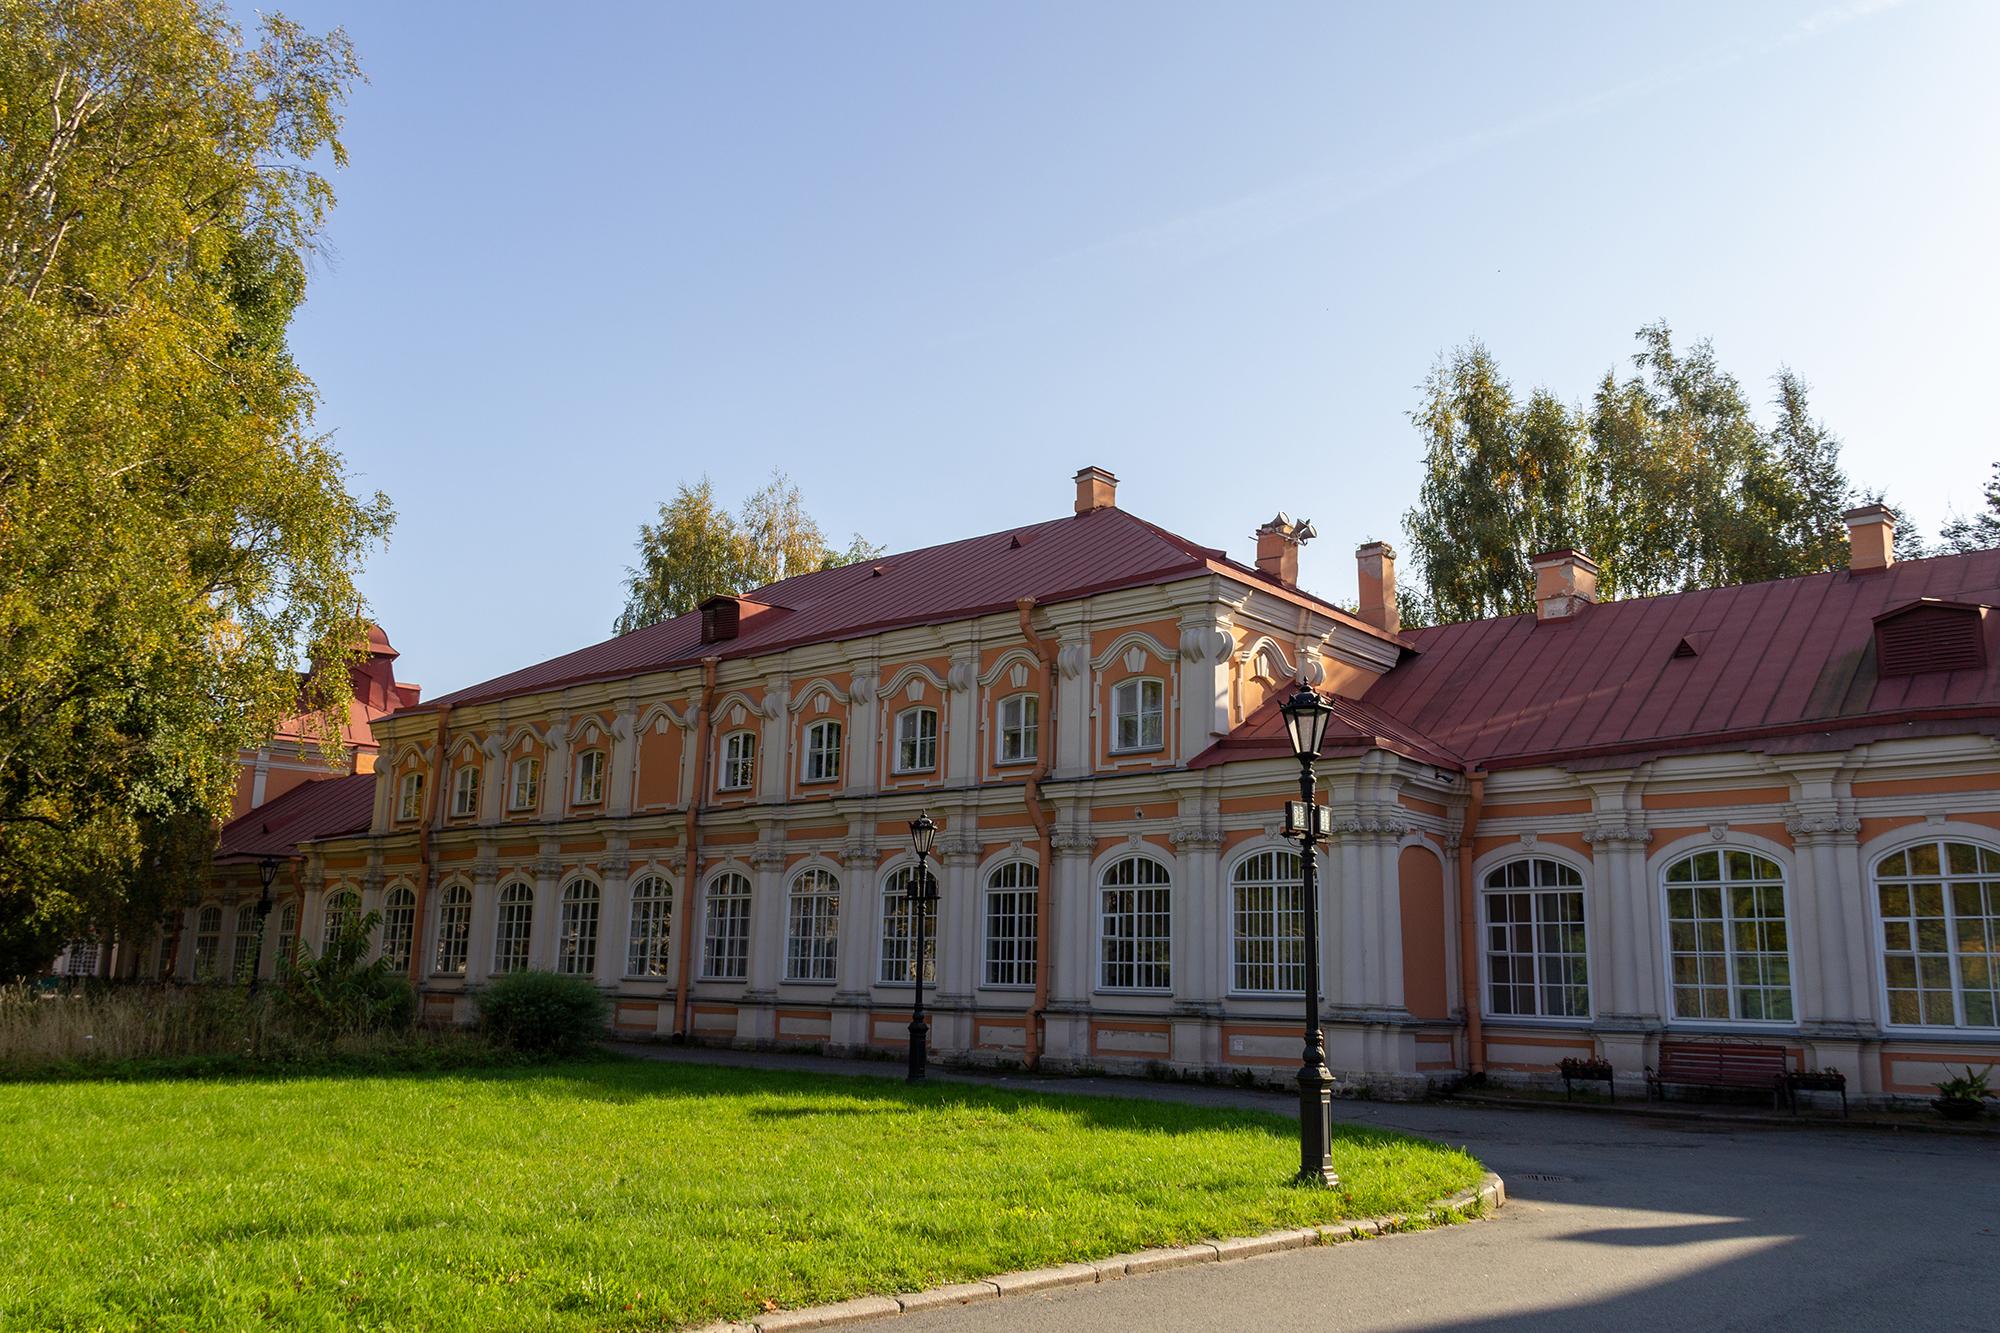 Фотография Семинарского корпуса Александро-Невской лавры